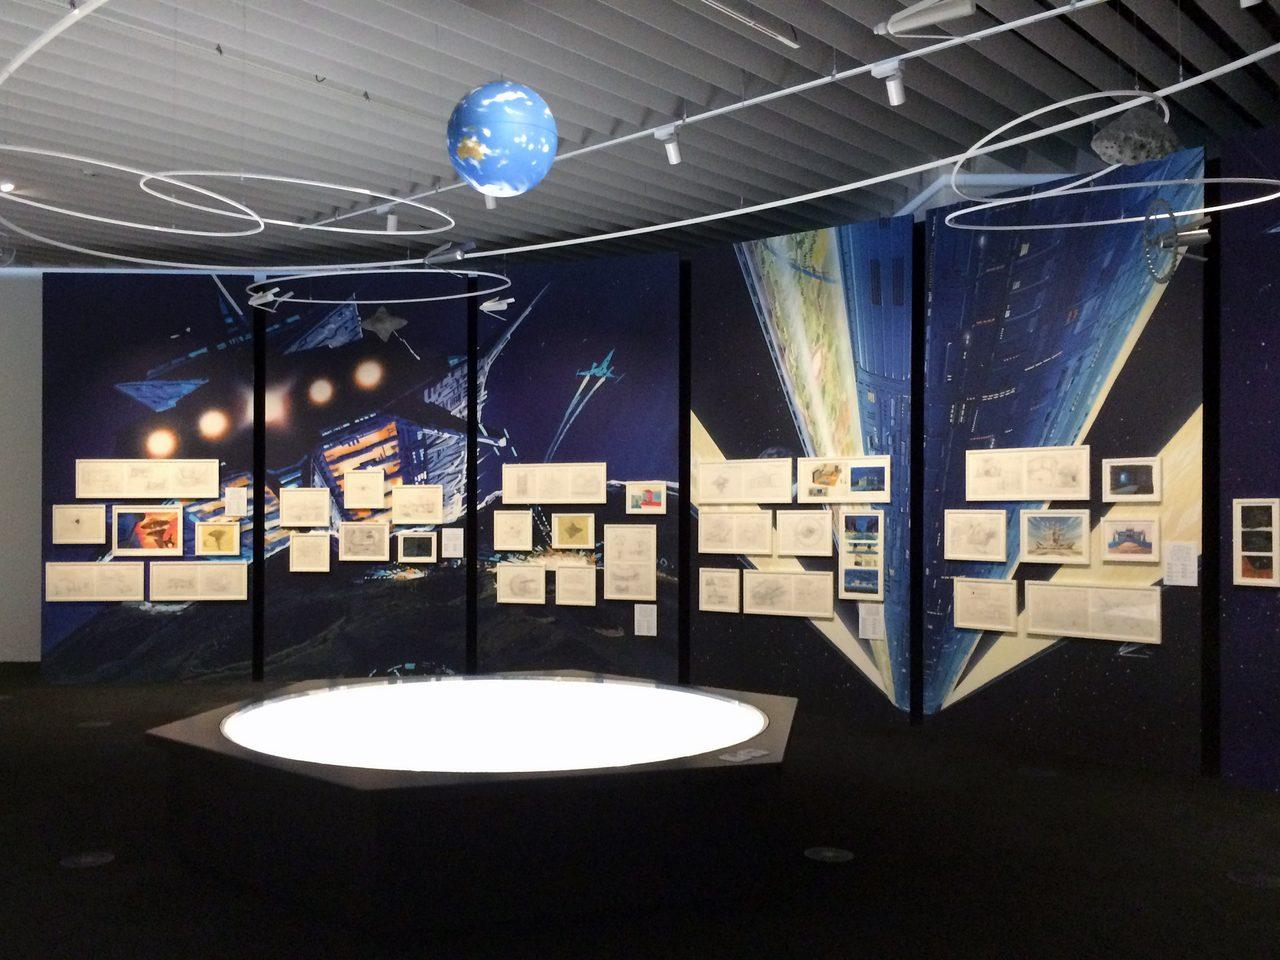 画像: 天井には、ガンダムの世界観と地球やスペースコロニー・宇宙要塞などの位置関係を再現したモデル。 photo(C)cinefil art review